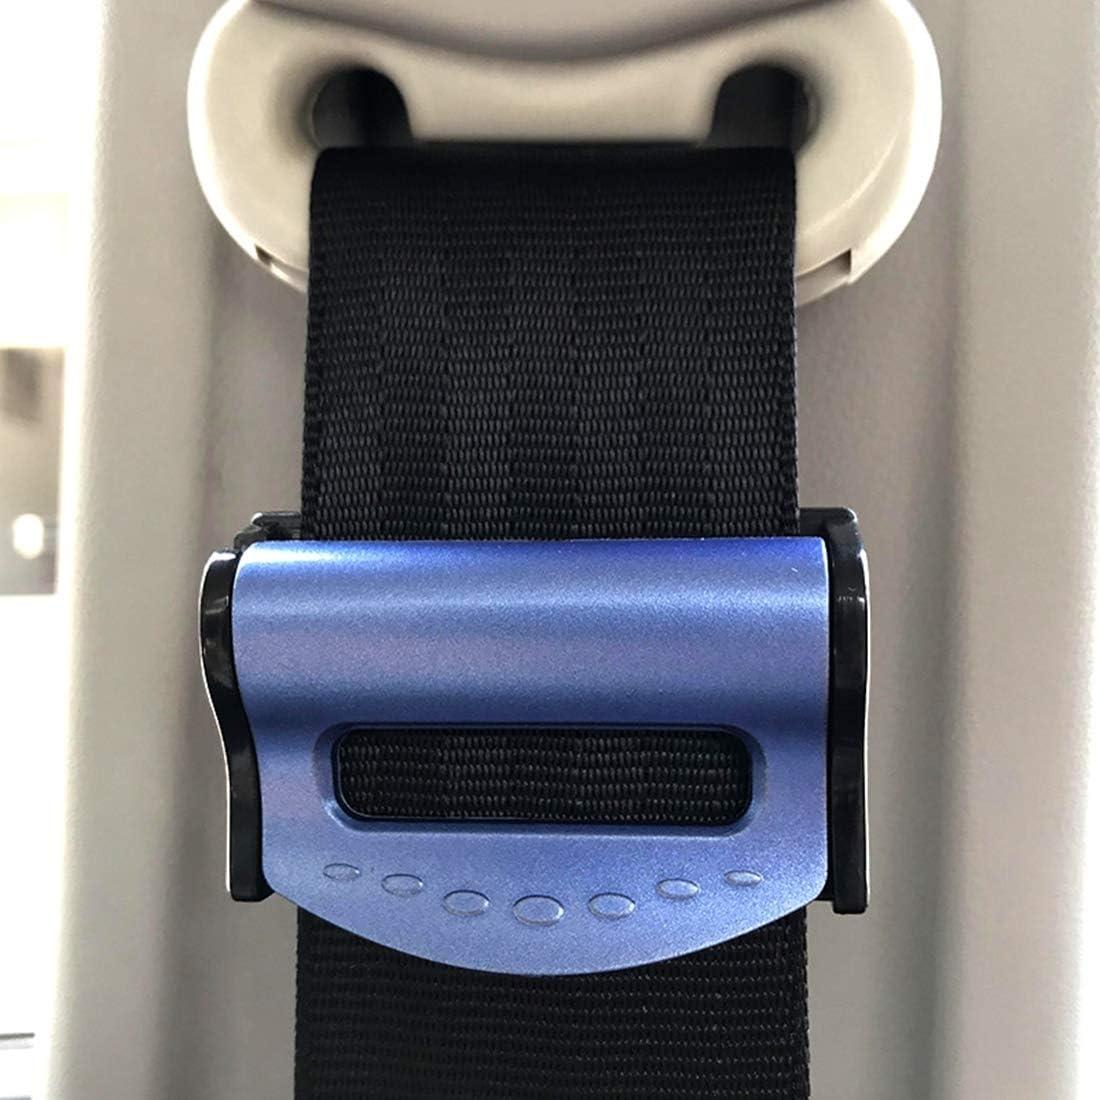 Universal Rimovibile Senza Saldatura,Blu Mixbeek Car Seat Belt Arresto della Clip Gadget 2 Imposta Impedire Cintura con Fibbia da Scivolare Gi/ù per La Cintura